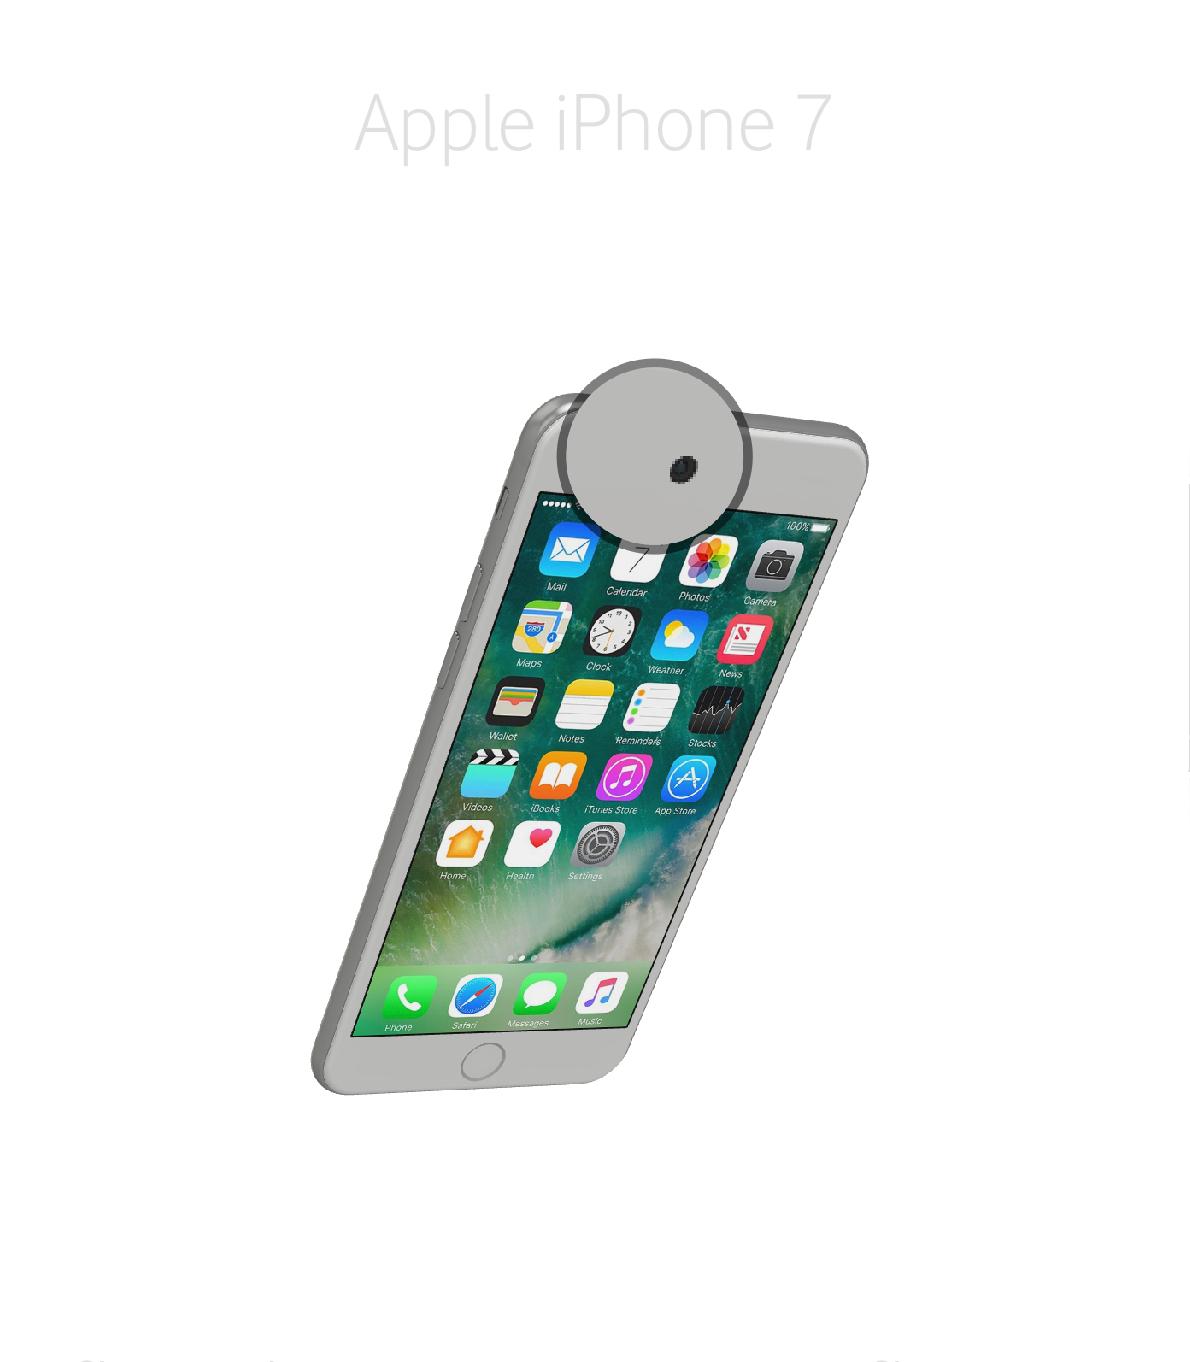 Laga ljussensor iPhone7